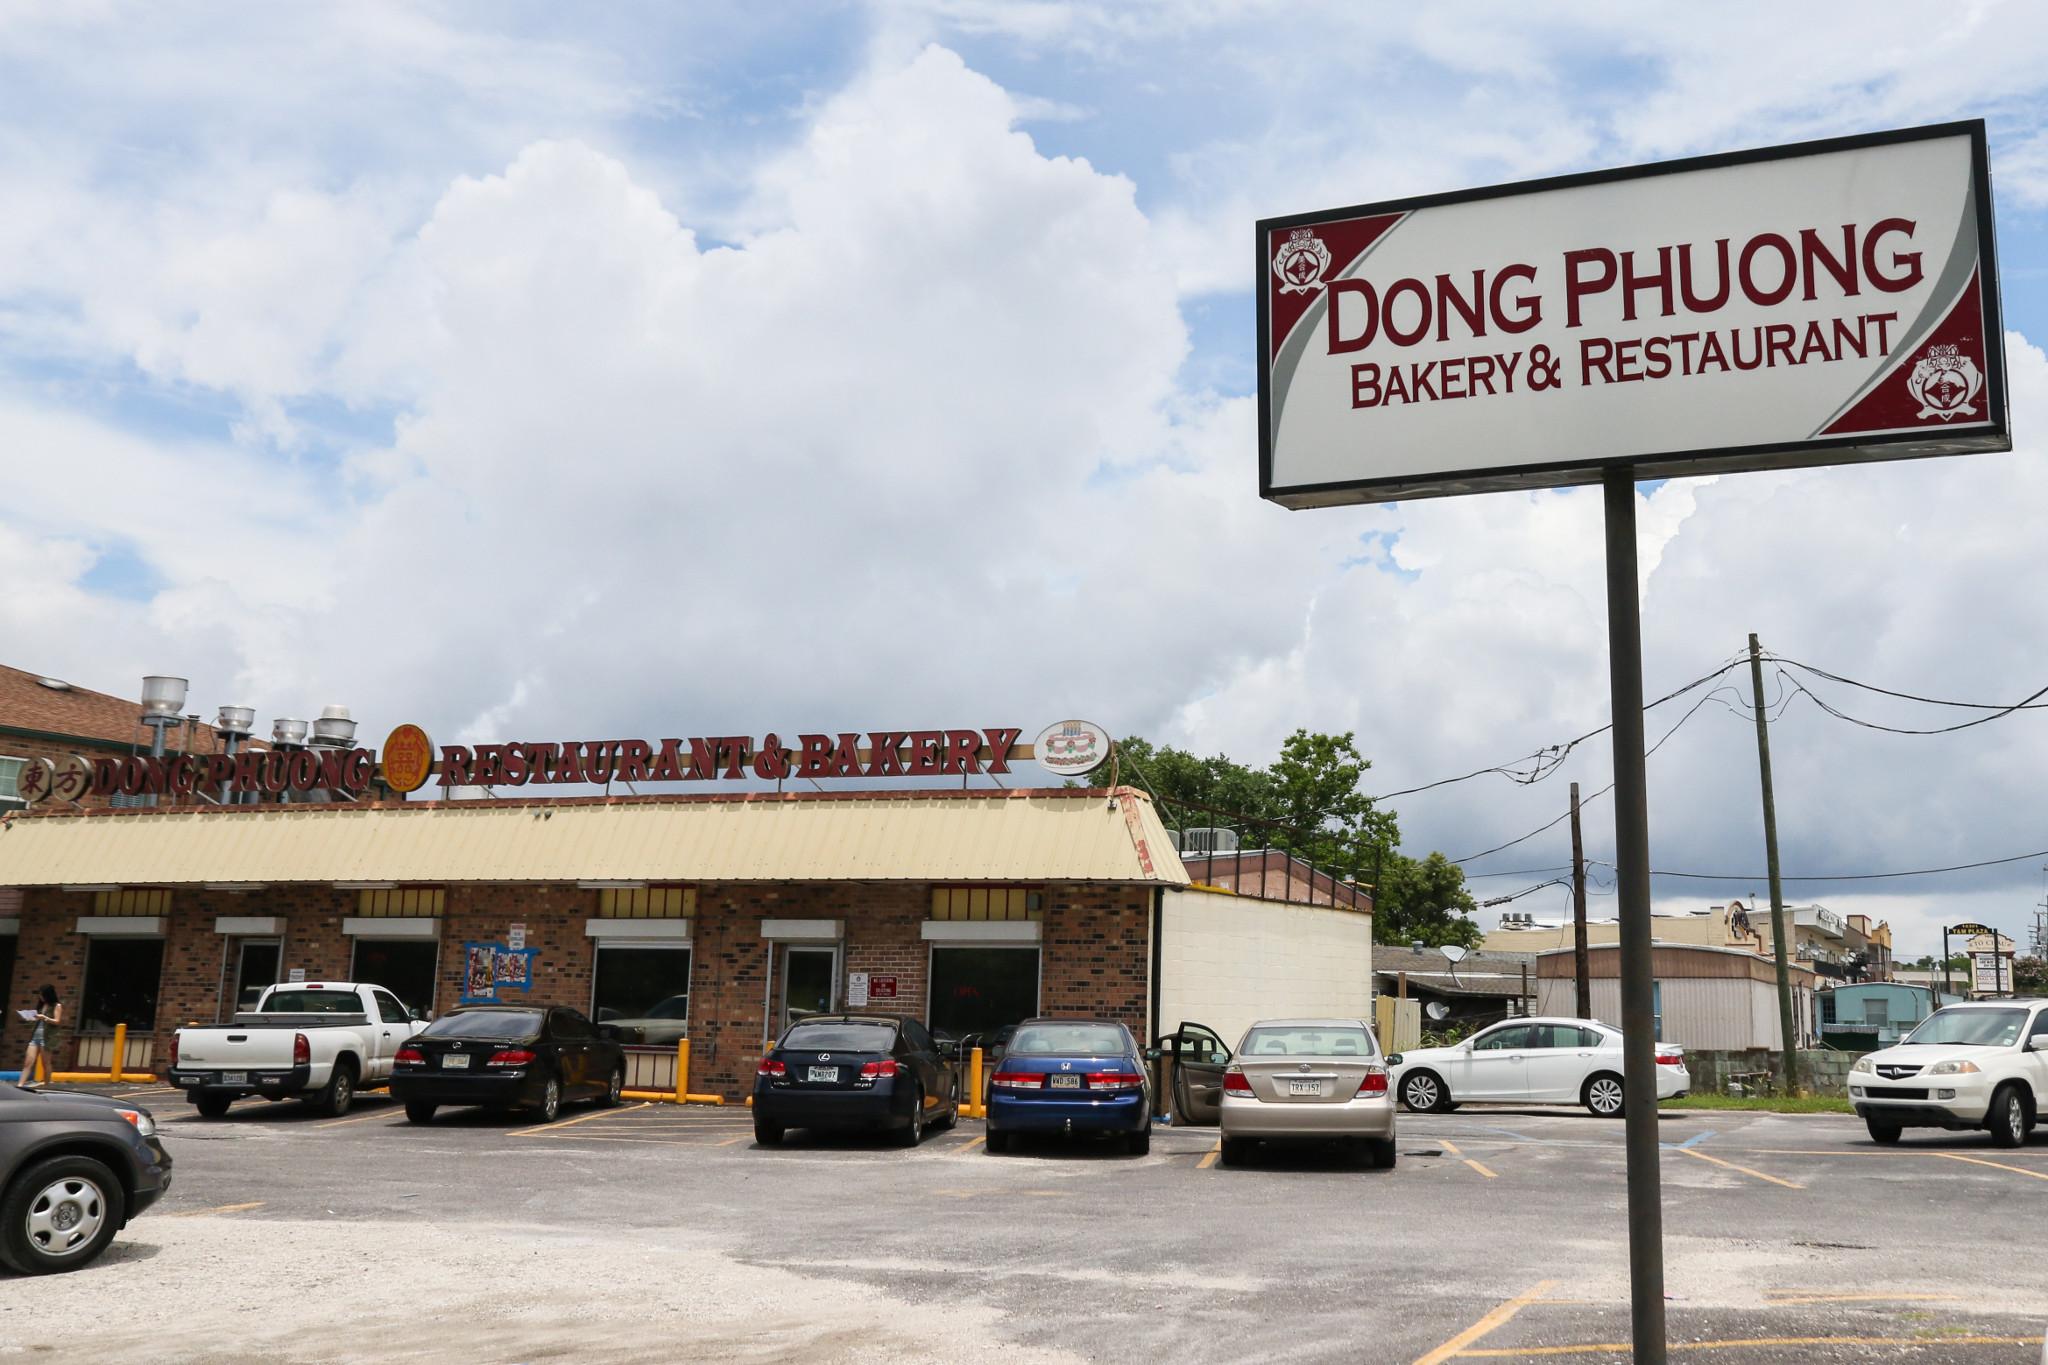 dong phuong